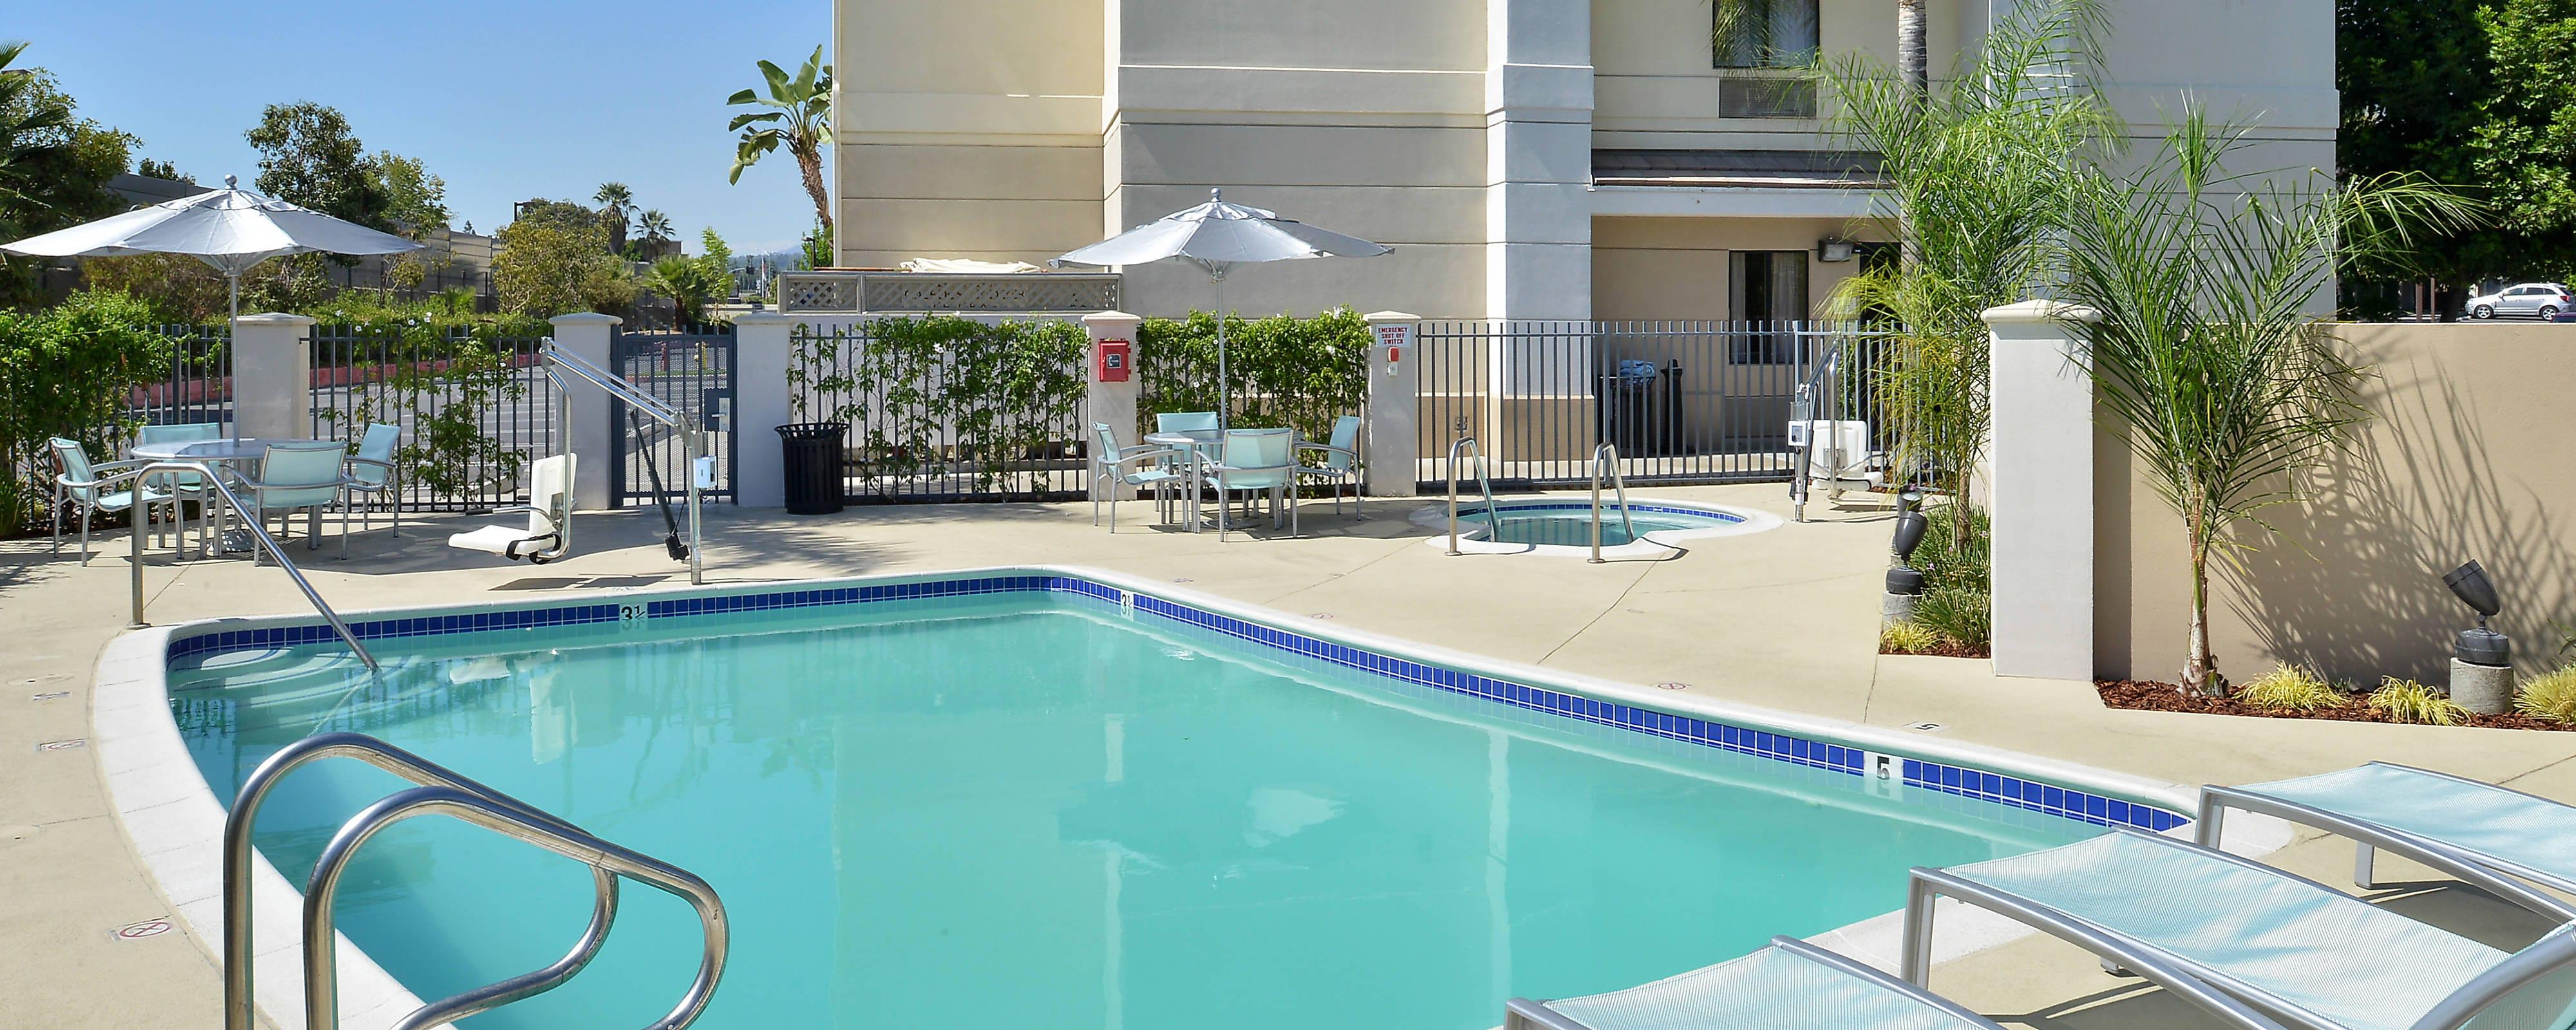 Hotel-Außenpool in Arcadia, CA